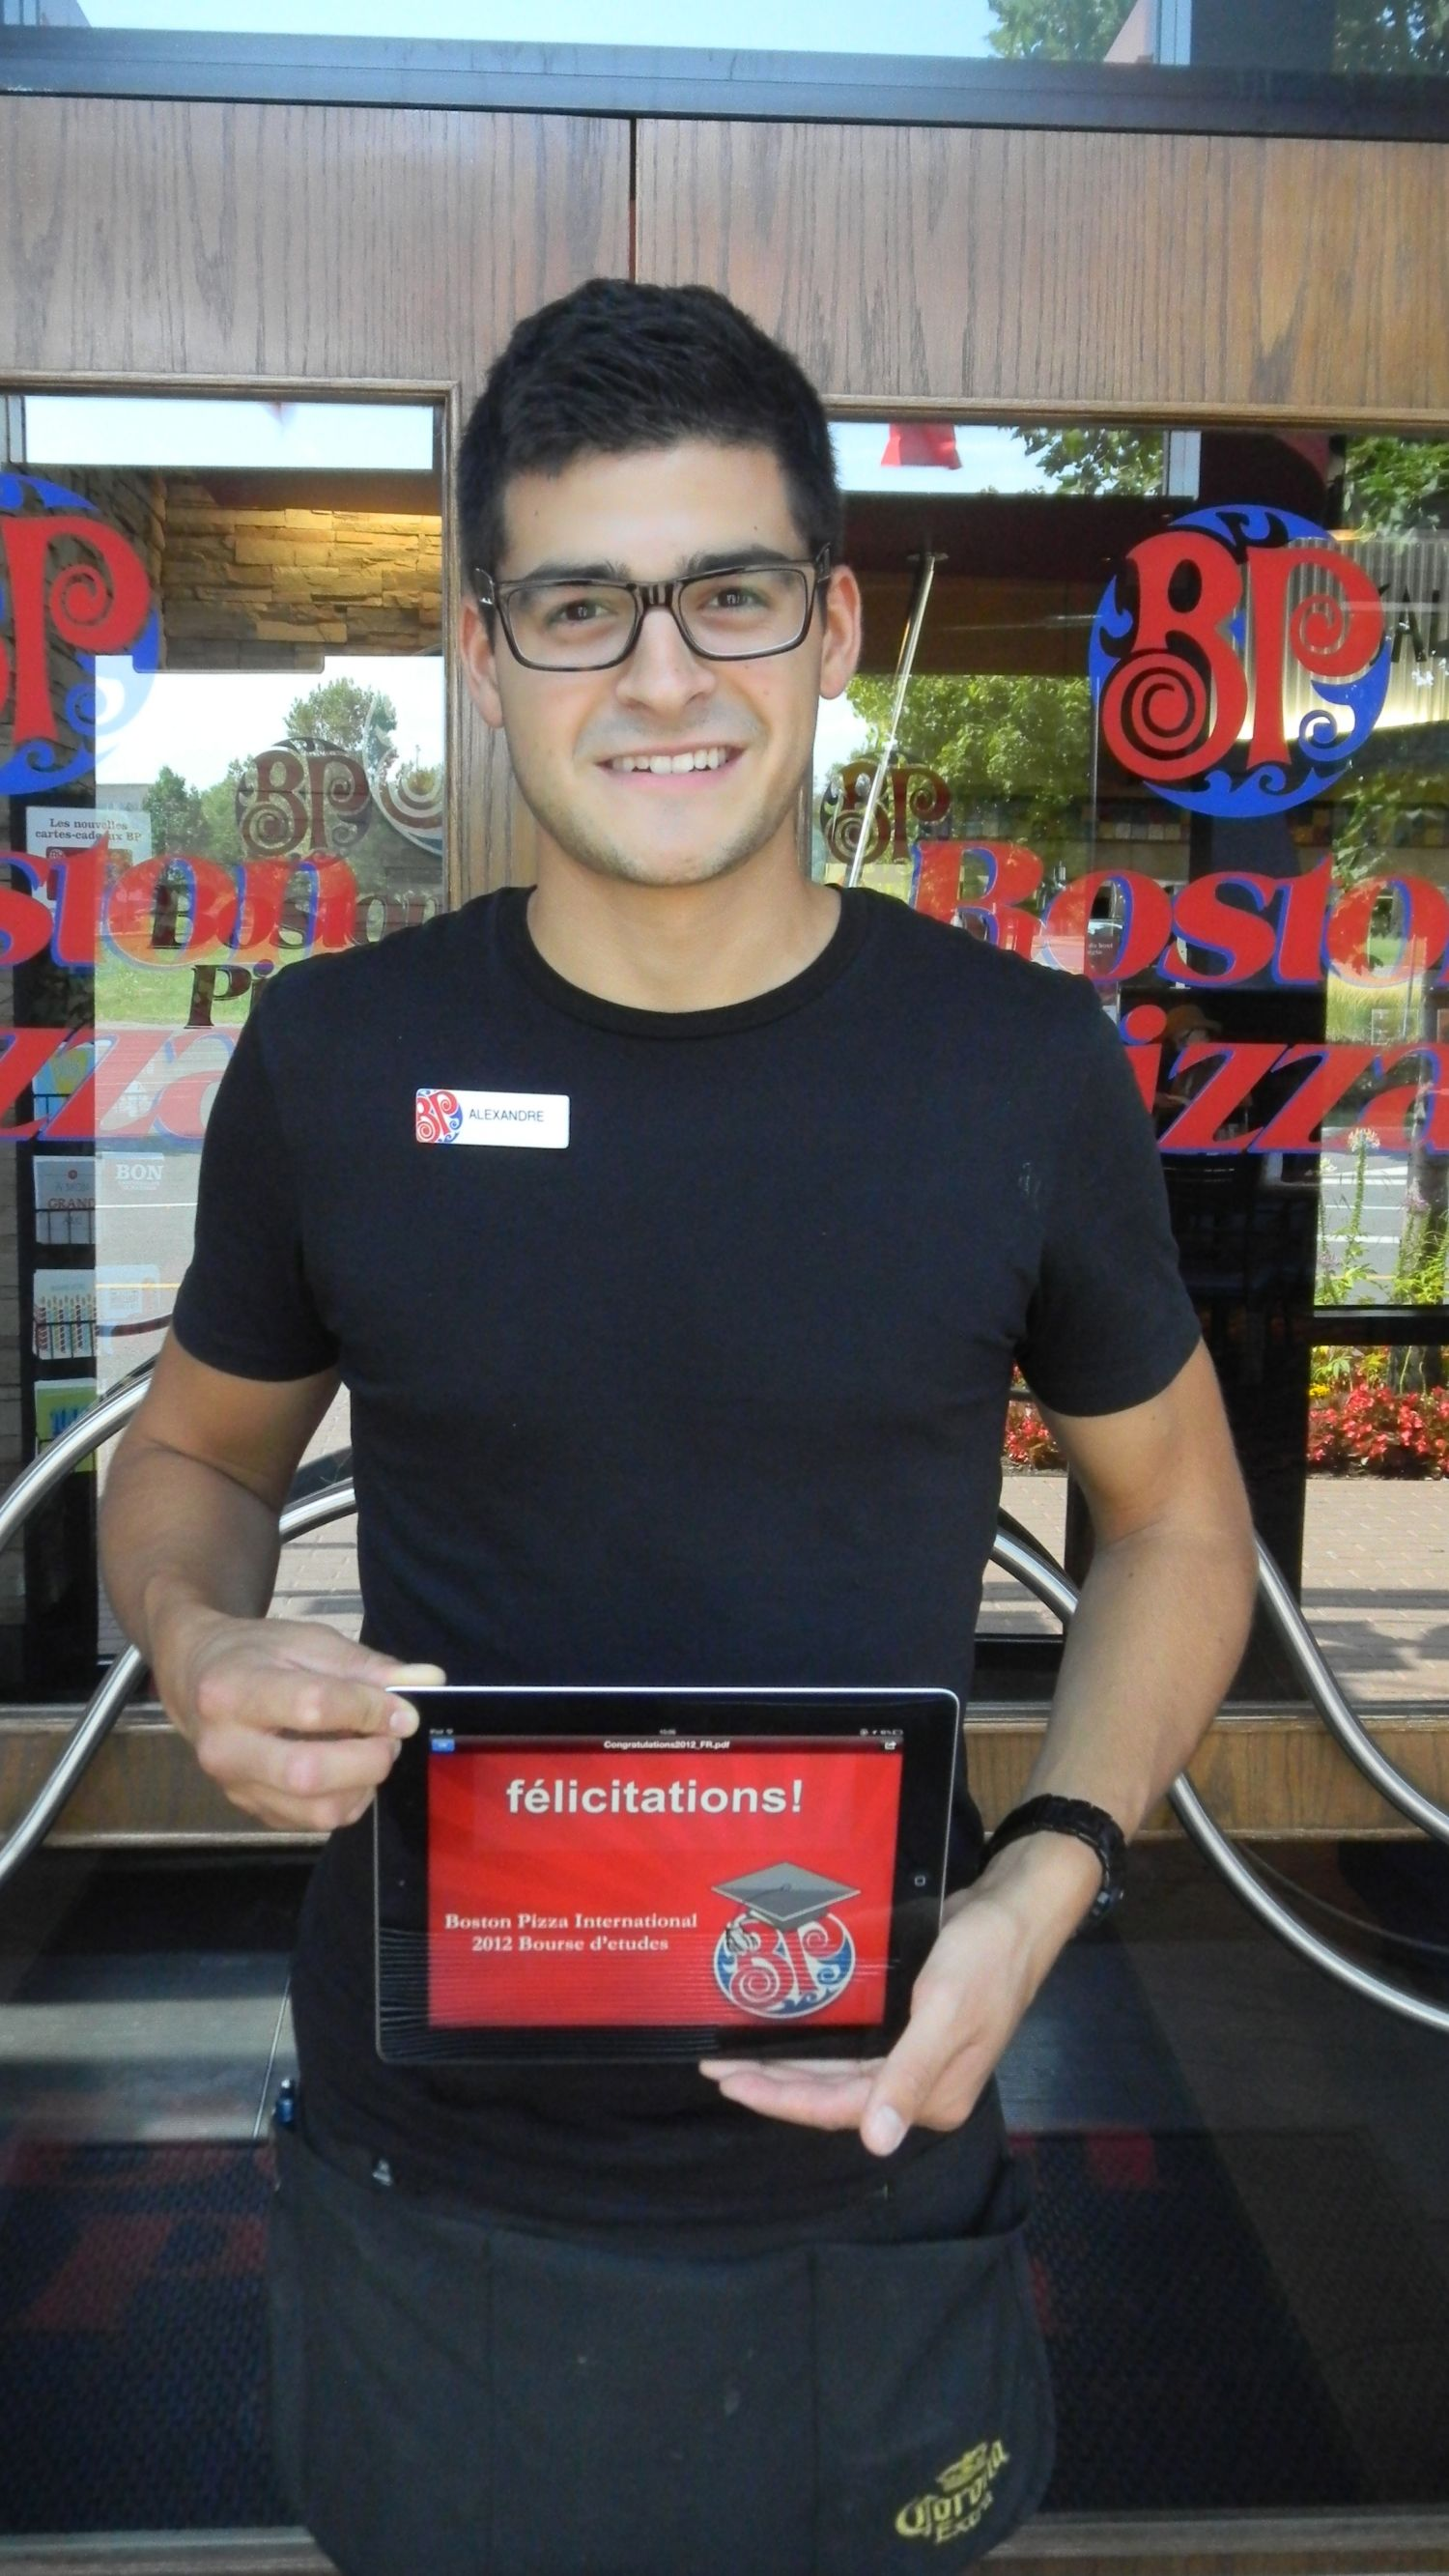 2012 bpi scholarship winner alexandre ricci